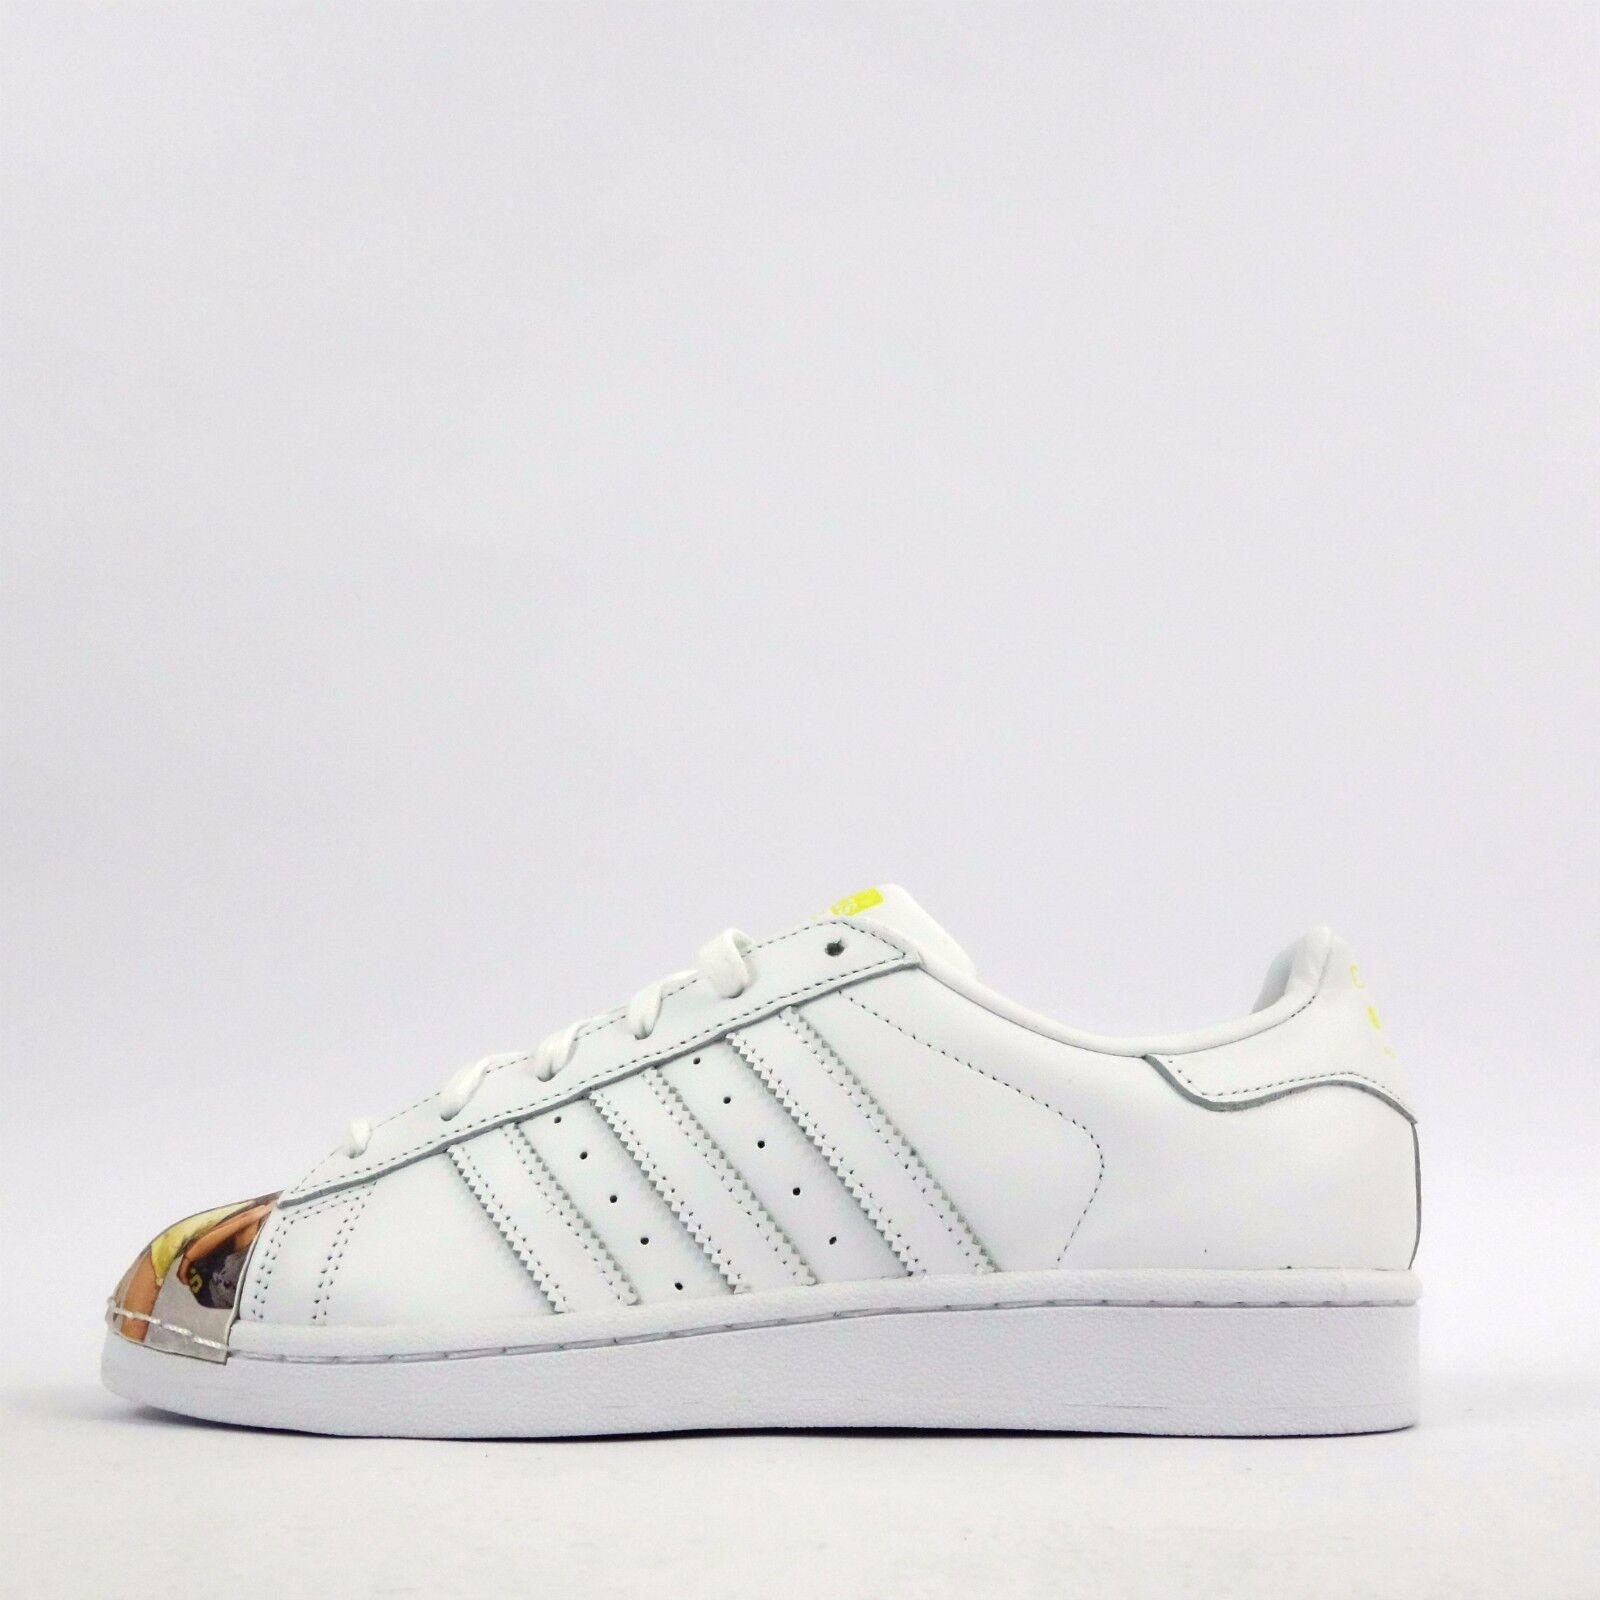 Adidas Originals Superstar Williams Pharell Williams Superstar supershell Para hombre Zapatillas Zapatos 30ff1e